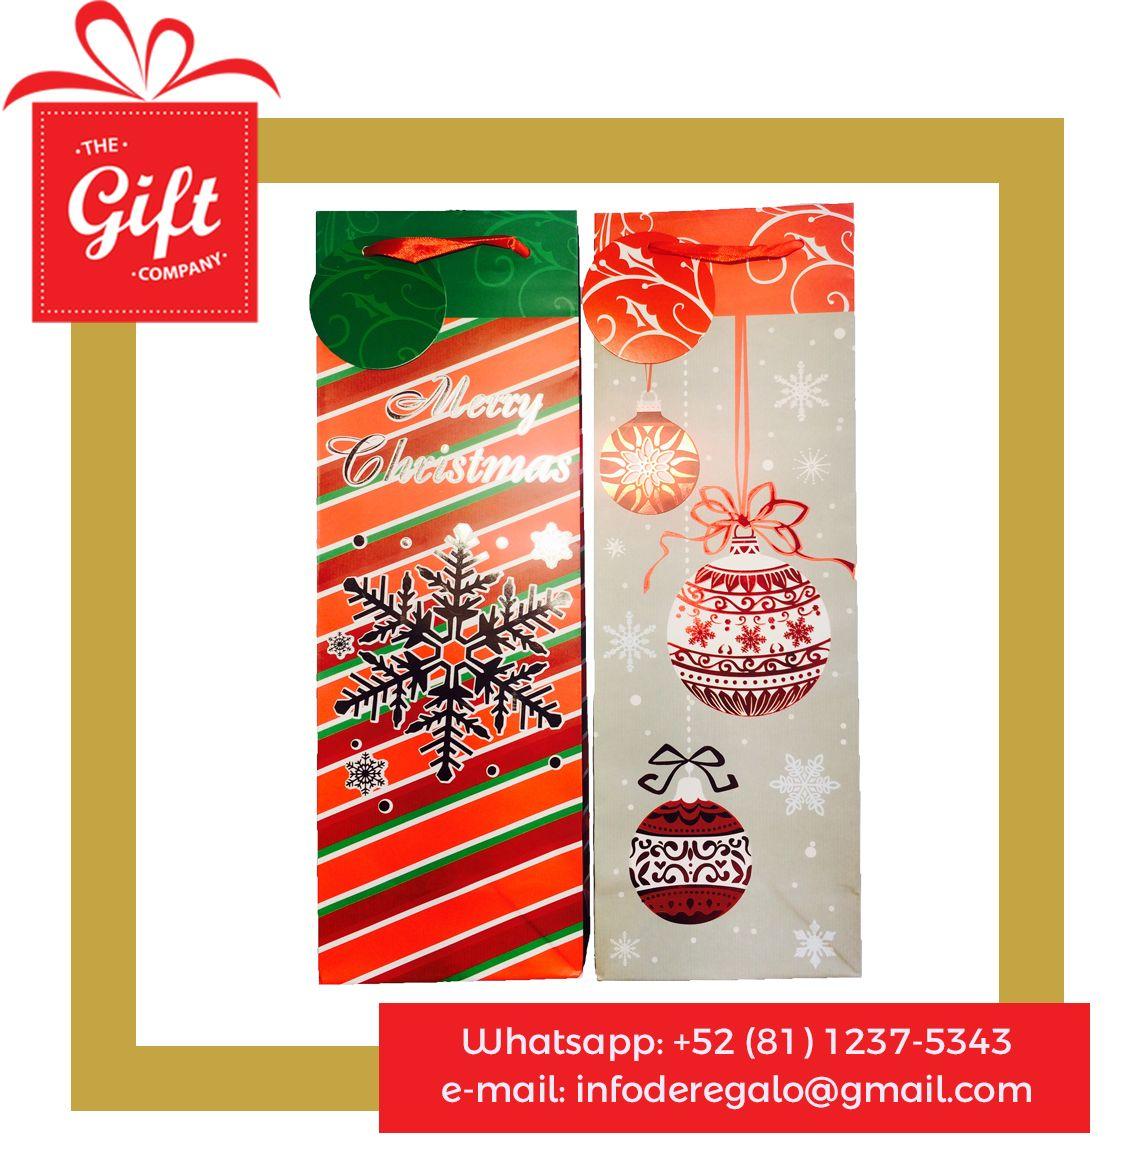 Bolsas de regalo para navidad, bolsa de regalo navideña, bolsa para regalos navideños, bolsa para regalo grande, bolsas de regalo mate, bolsa de regalo con santas, bolsa de regalo grande de papel, bolsa de regalo con acabado en mate, bolsas de regalo color verde, bolsas de regalo de colores navideños, bolsas de regalo bonitas, bolsas de regalo envío para todo México, bolsas de regalo a domicilio, bolsas de regalo con papel china, bolsas de regalo al mayoreo, bolsas de regalo al menudeo…